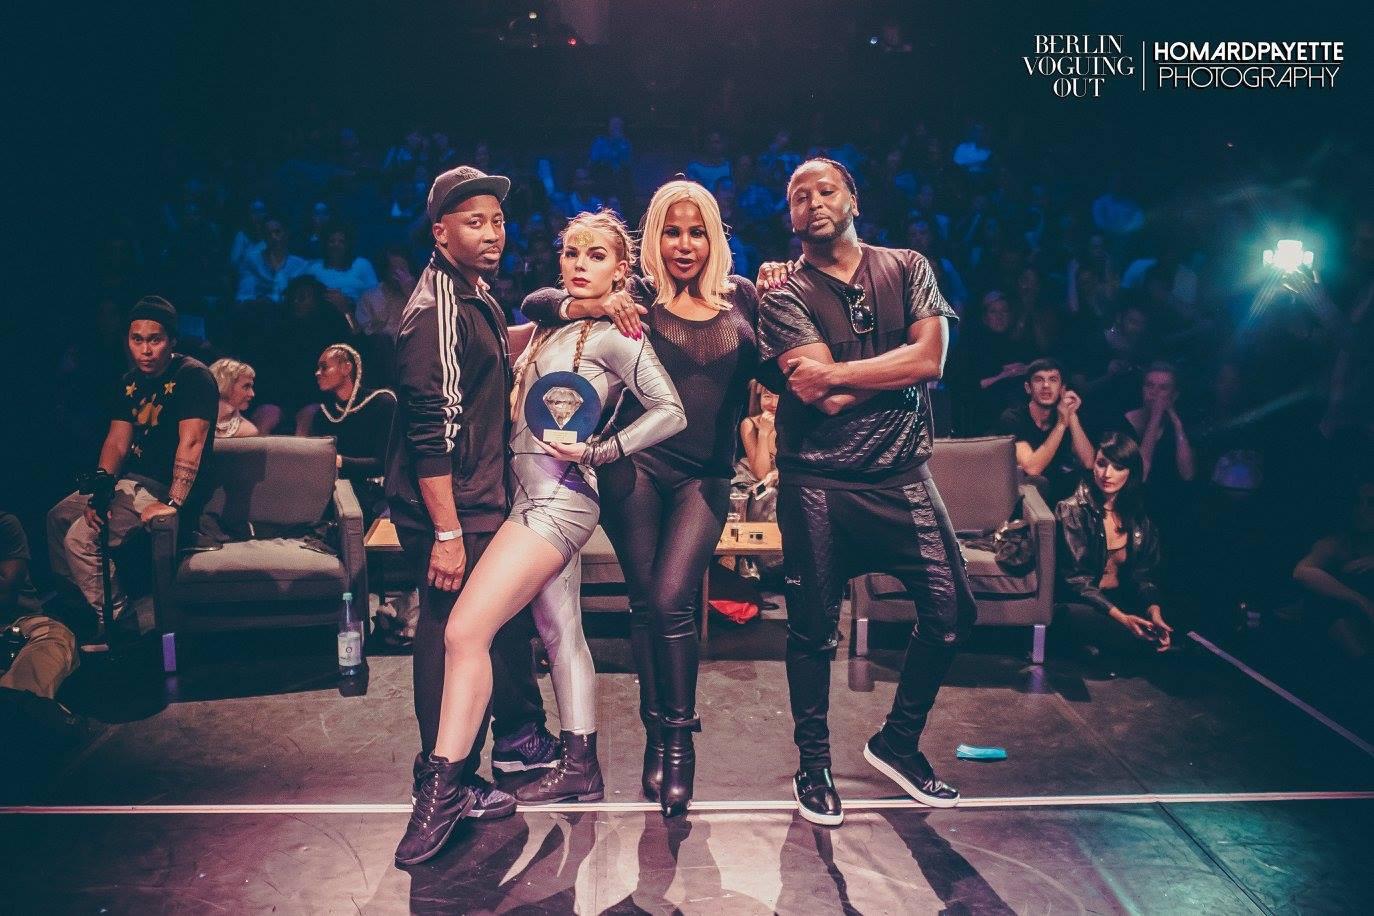 """JJ-Street tantsukooli vogue-tüdruk Jessica Lainde tõi """"Berlin Voguing Out"""" festivalilt võidu"""